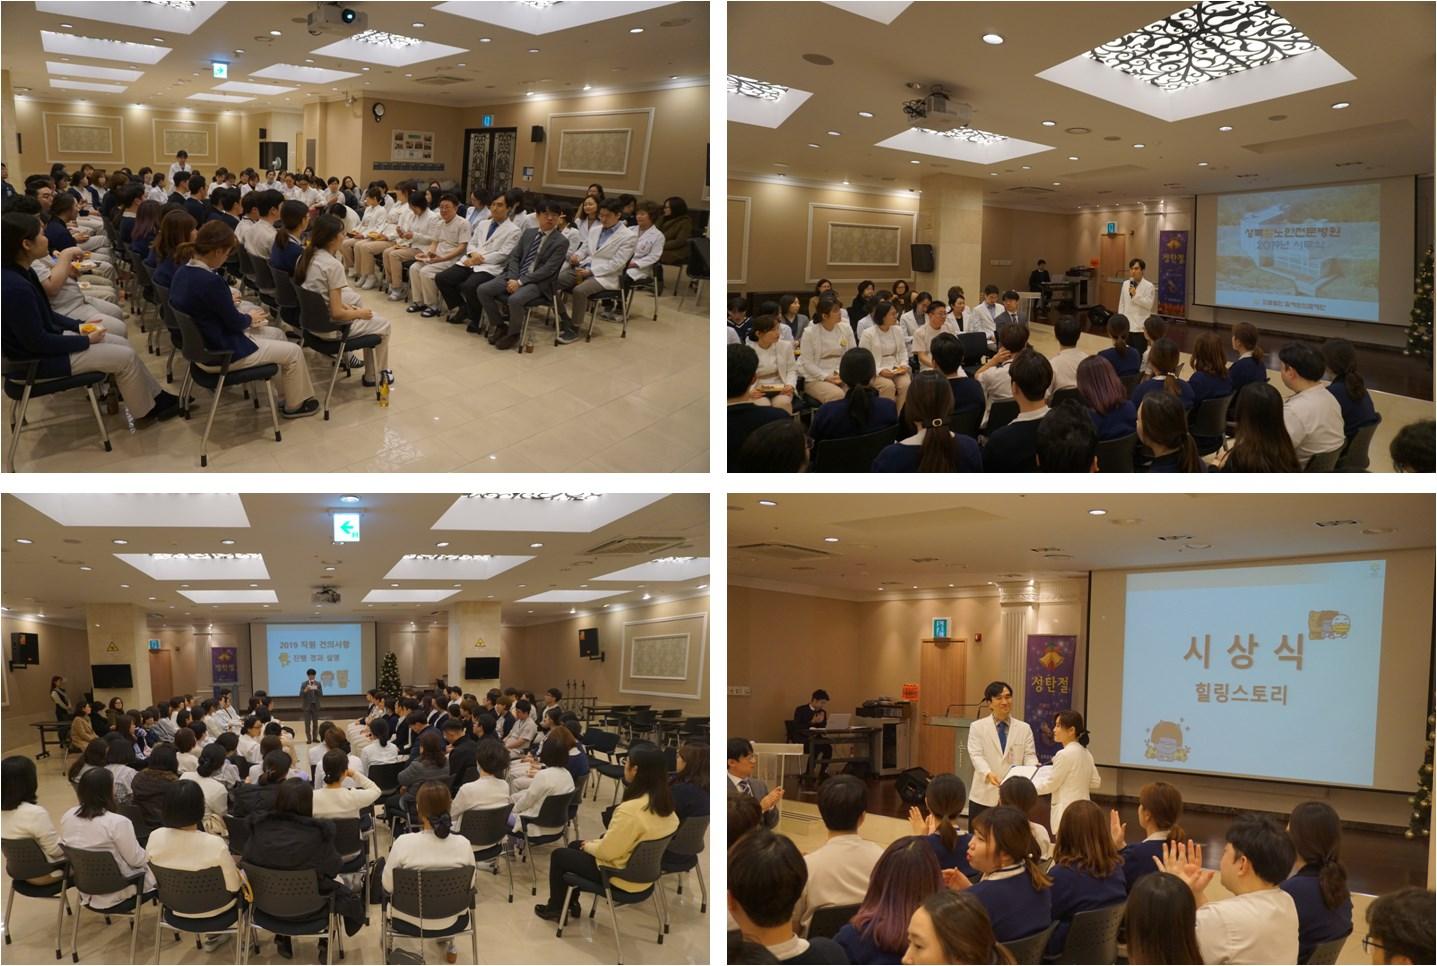 성북참노인전문병원 2019년 시무식 모습입니다.